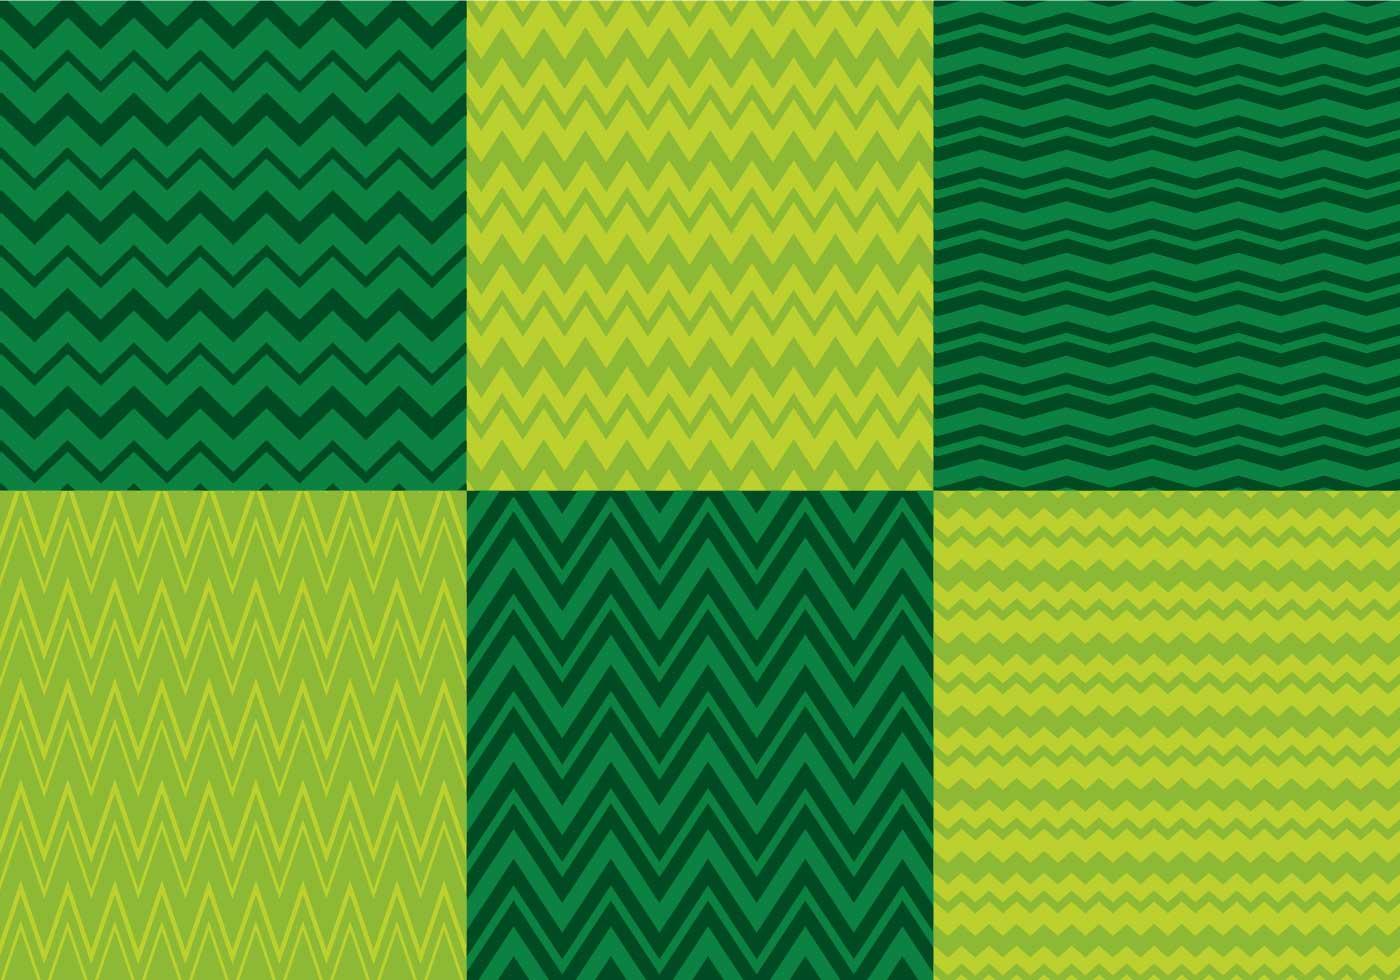 zig zag background vector pack download free vector art